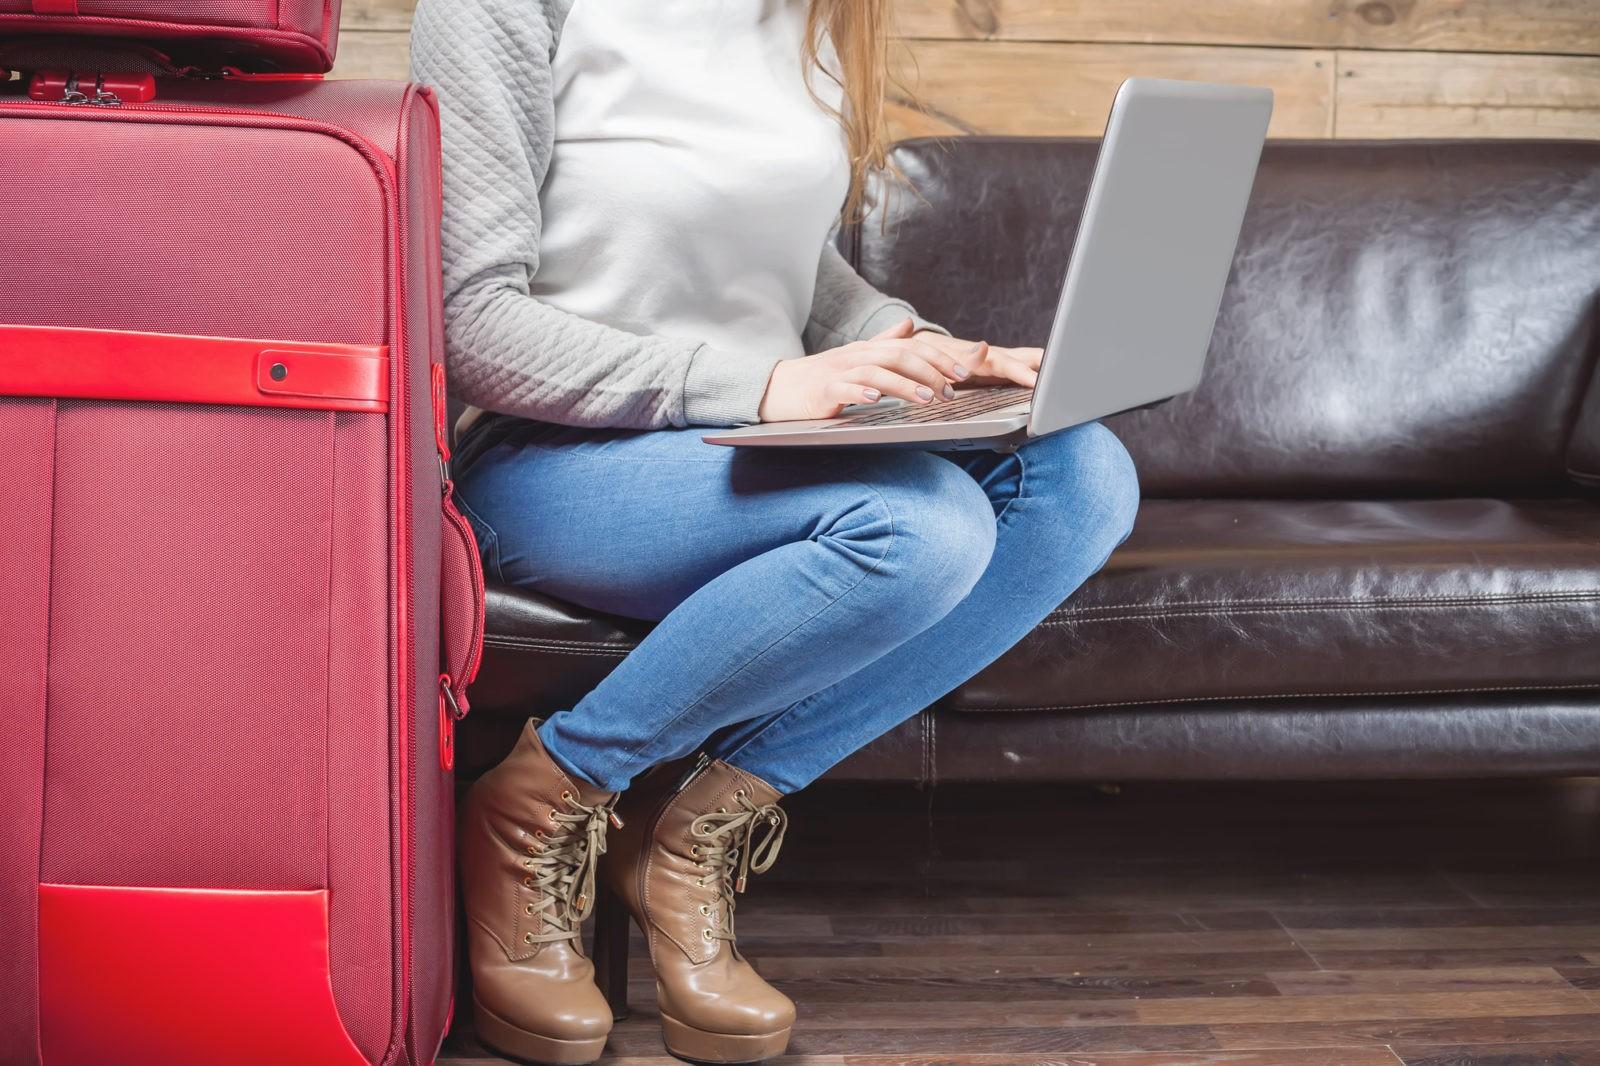 Зачем нужна сим-карта в путешествии, или Как получить дешевый интернет за границей?